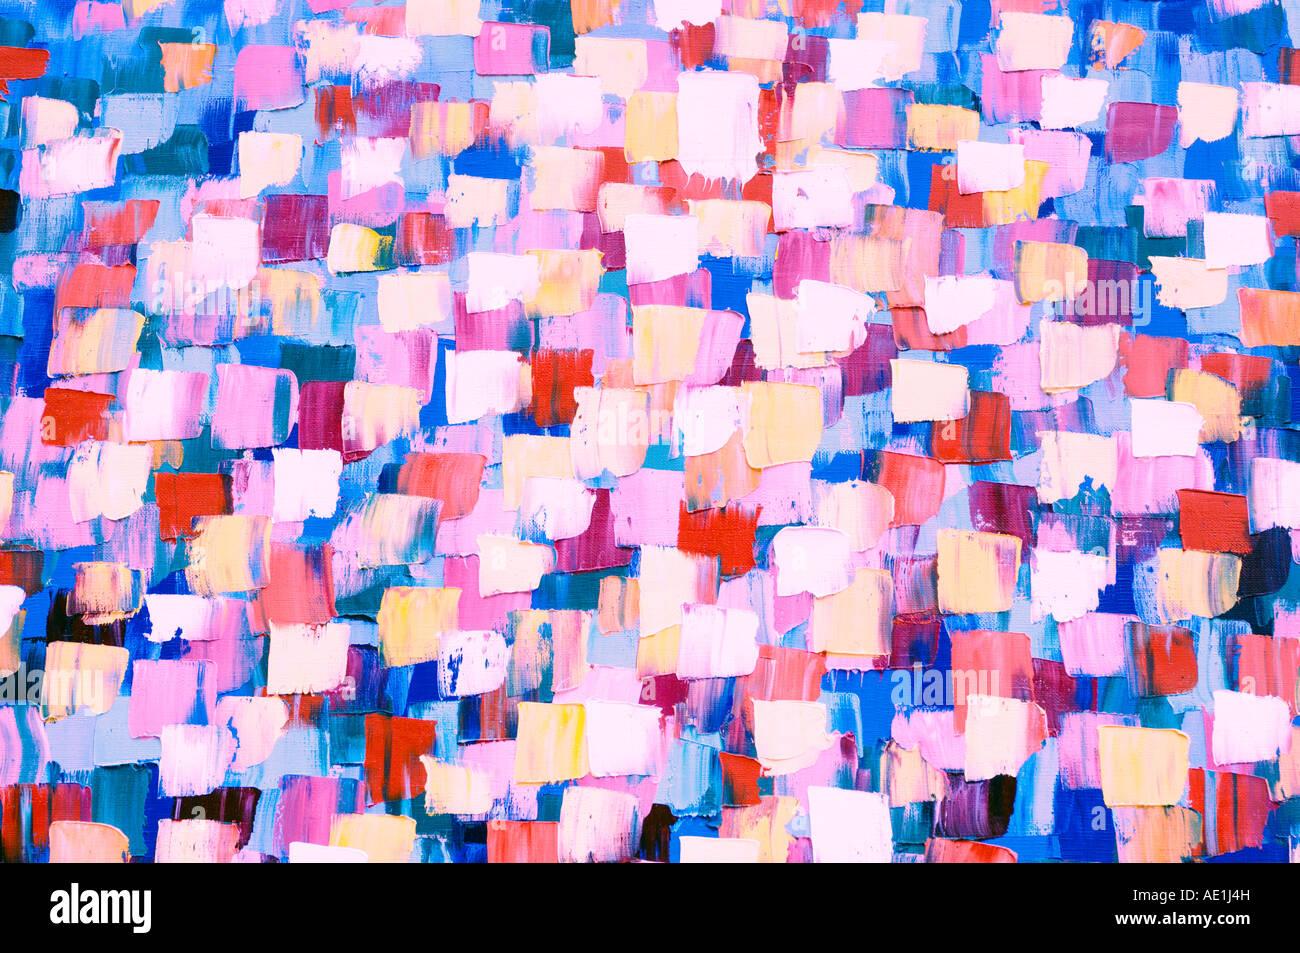 Abstrakte psychedelische Ölgemälde Stockbild